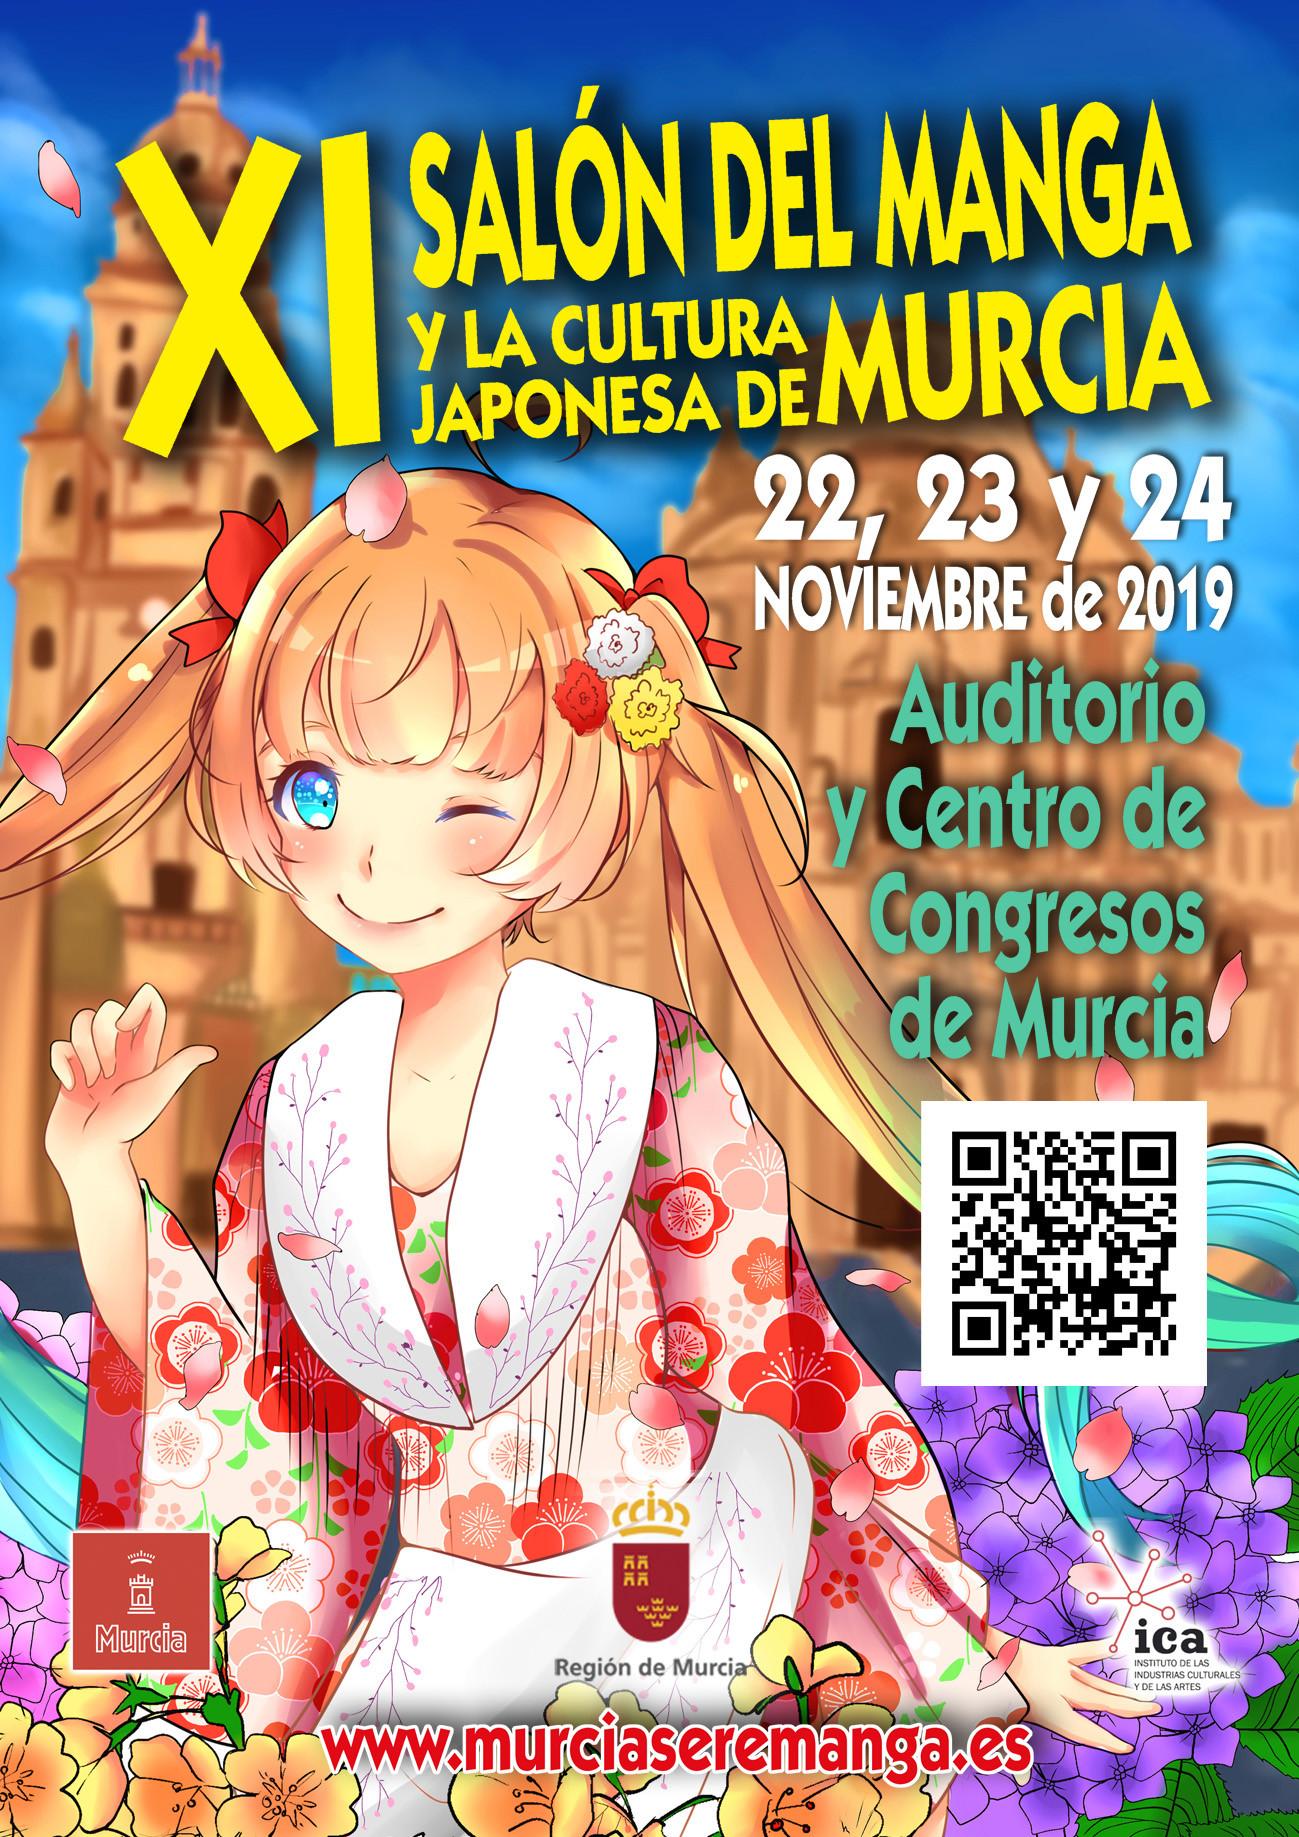 XI Salón del Manga y la Cultura Japonesa de Murcia